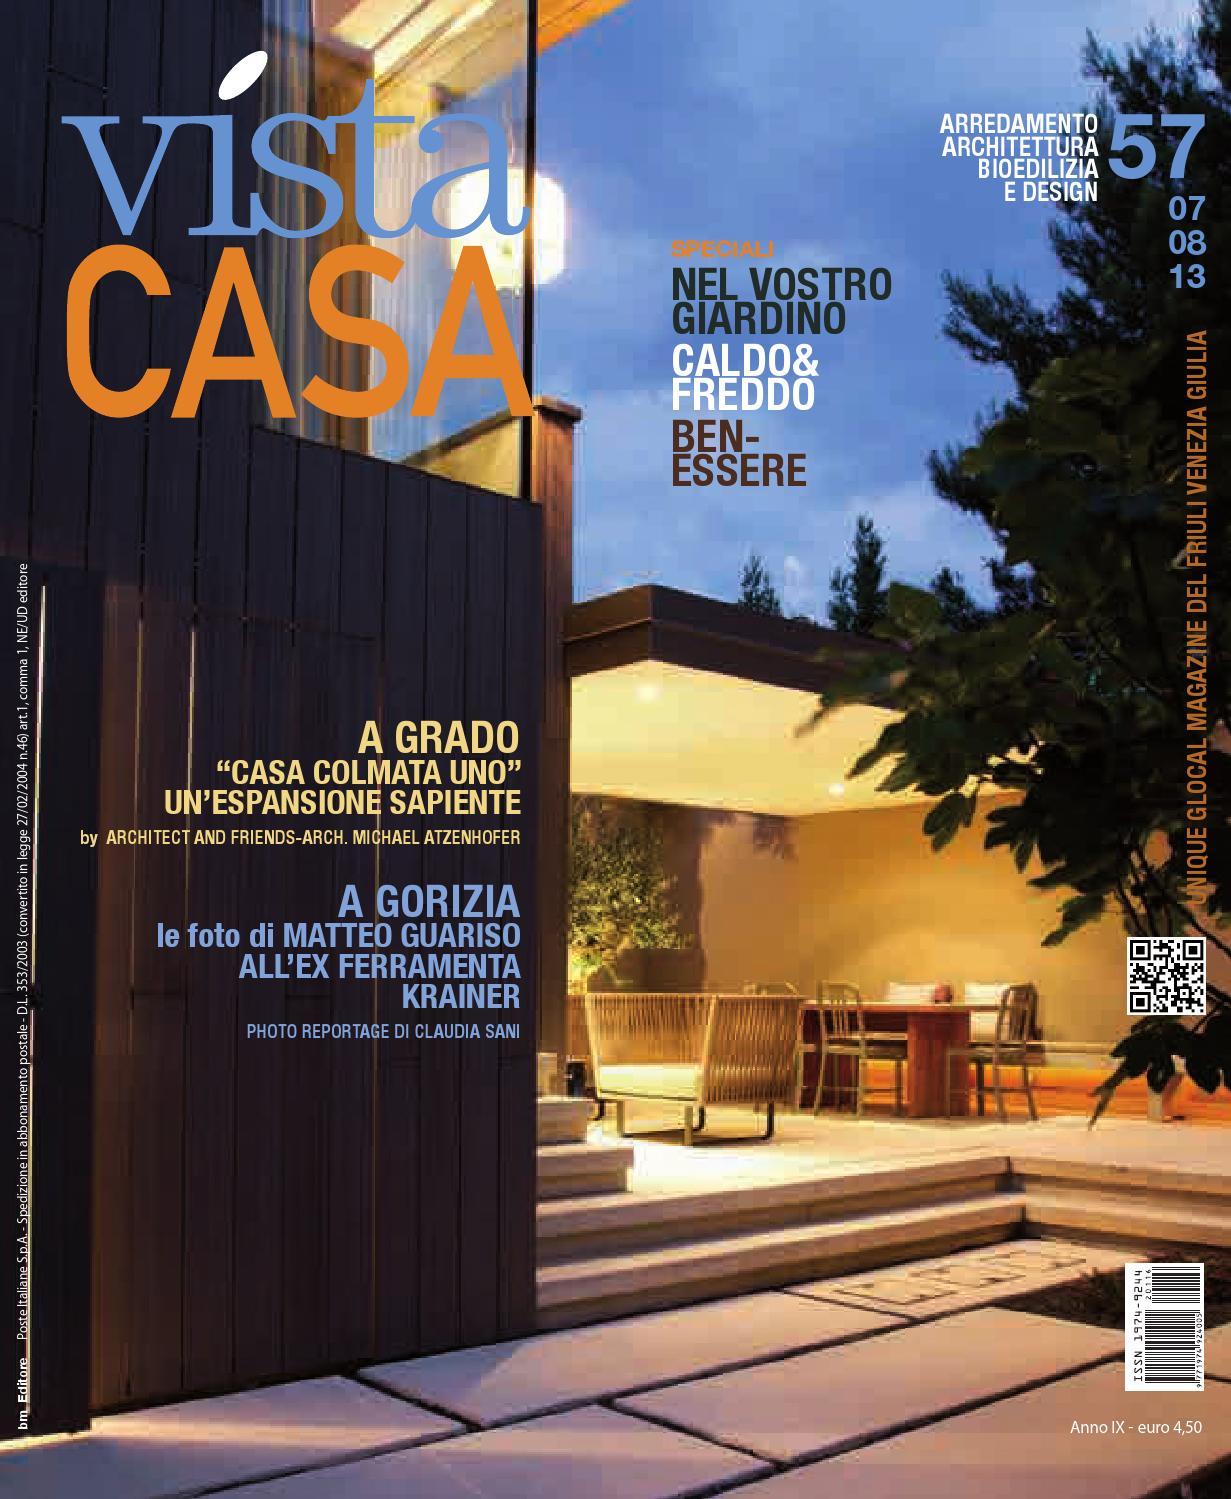 Rivista Luglio/Agosto 2013 by Vistacasa by BM Editore - issuu: https://issuu.com/redazionevistacasa/docs/luglio_agosto_2013